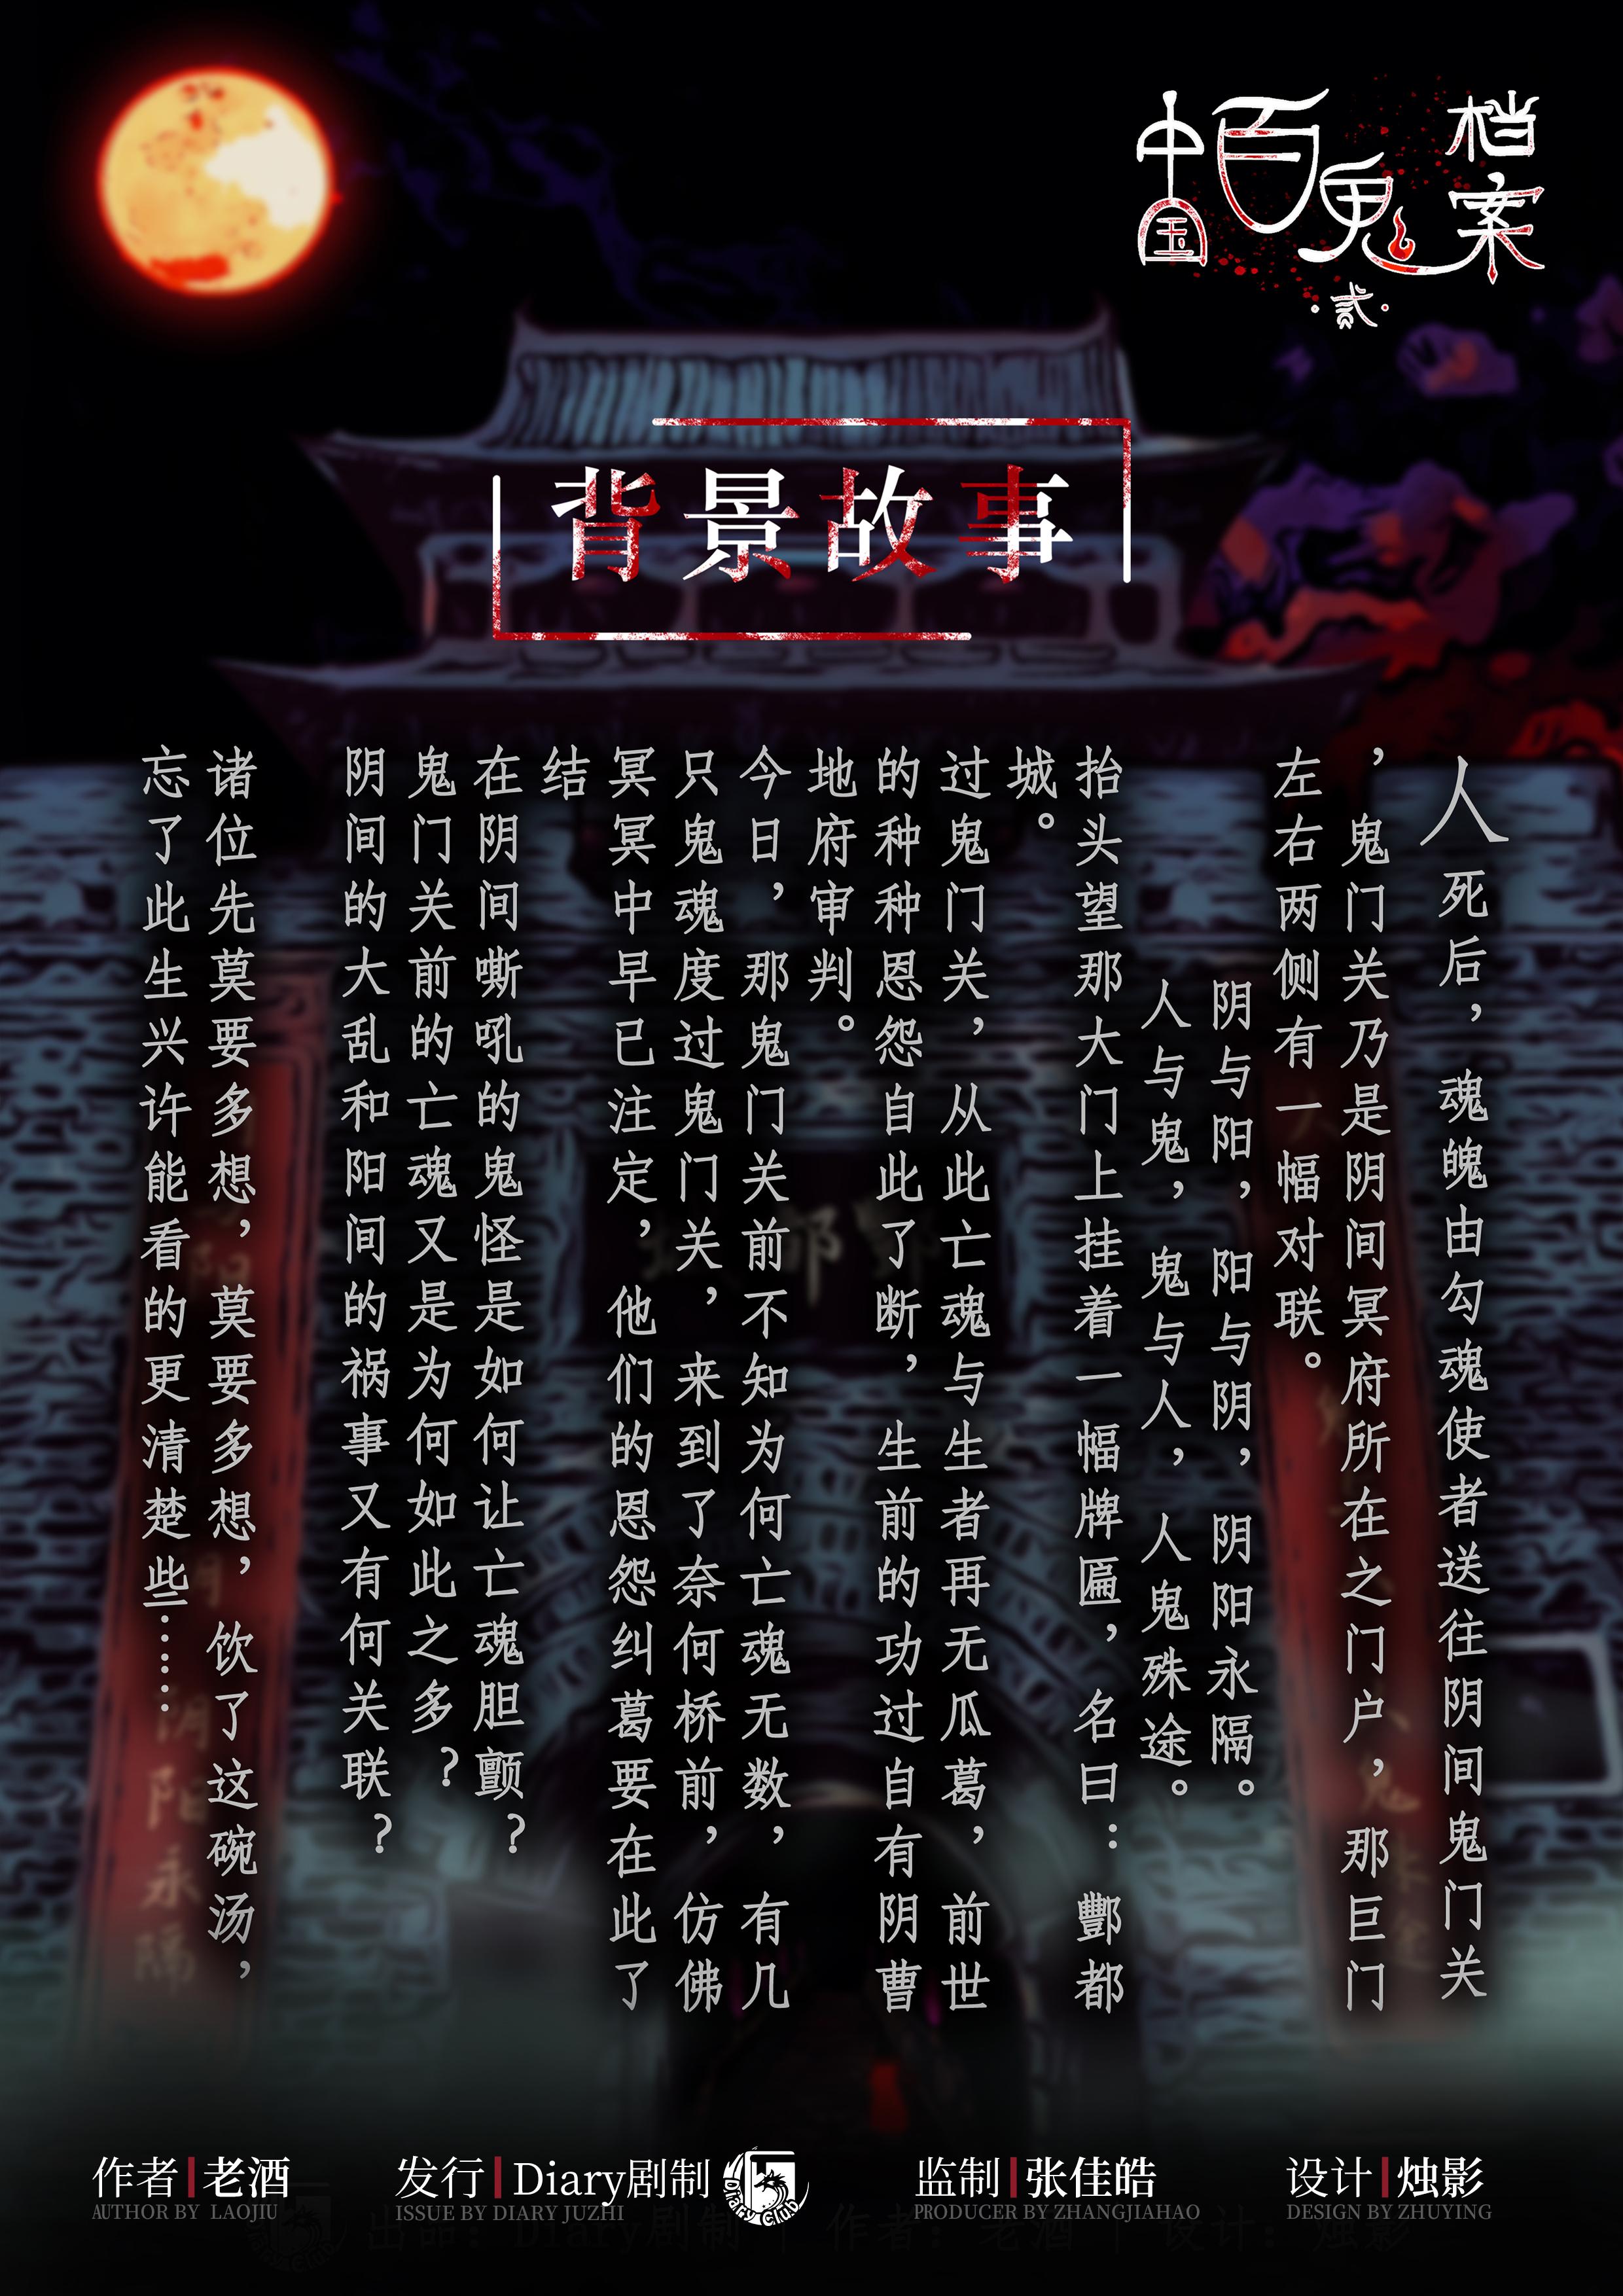 『中国百鬼档案2』剧本杀复盘解析\剧透\谁是凶手